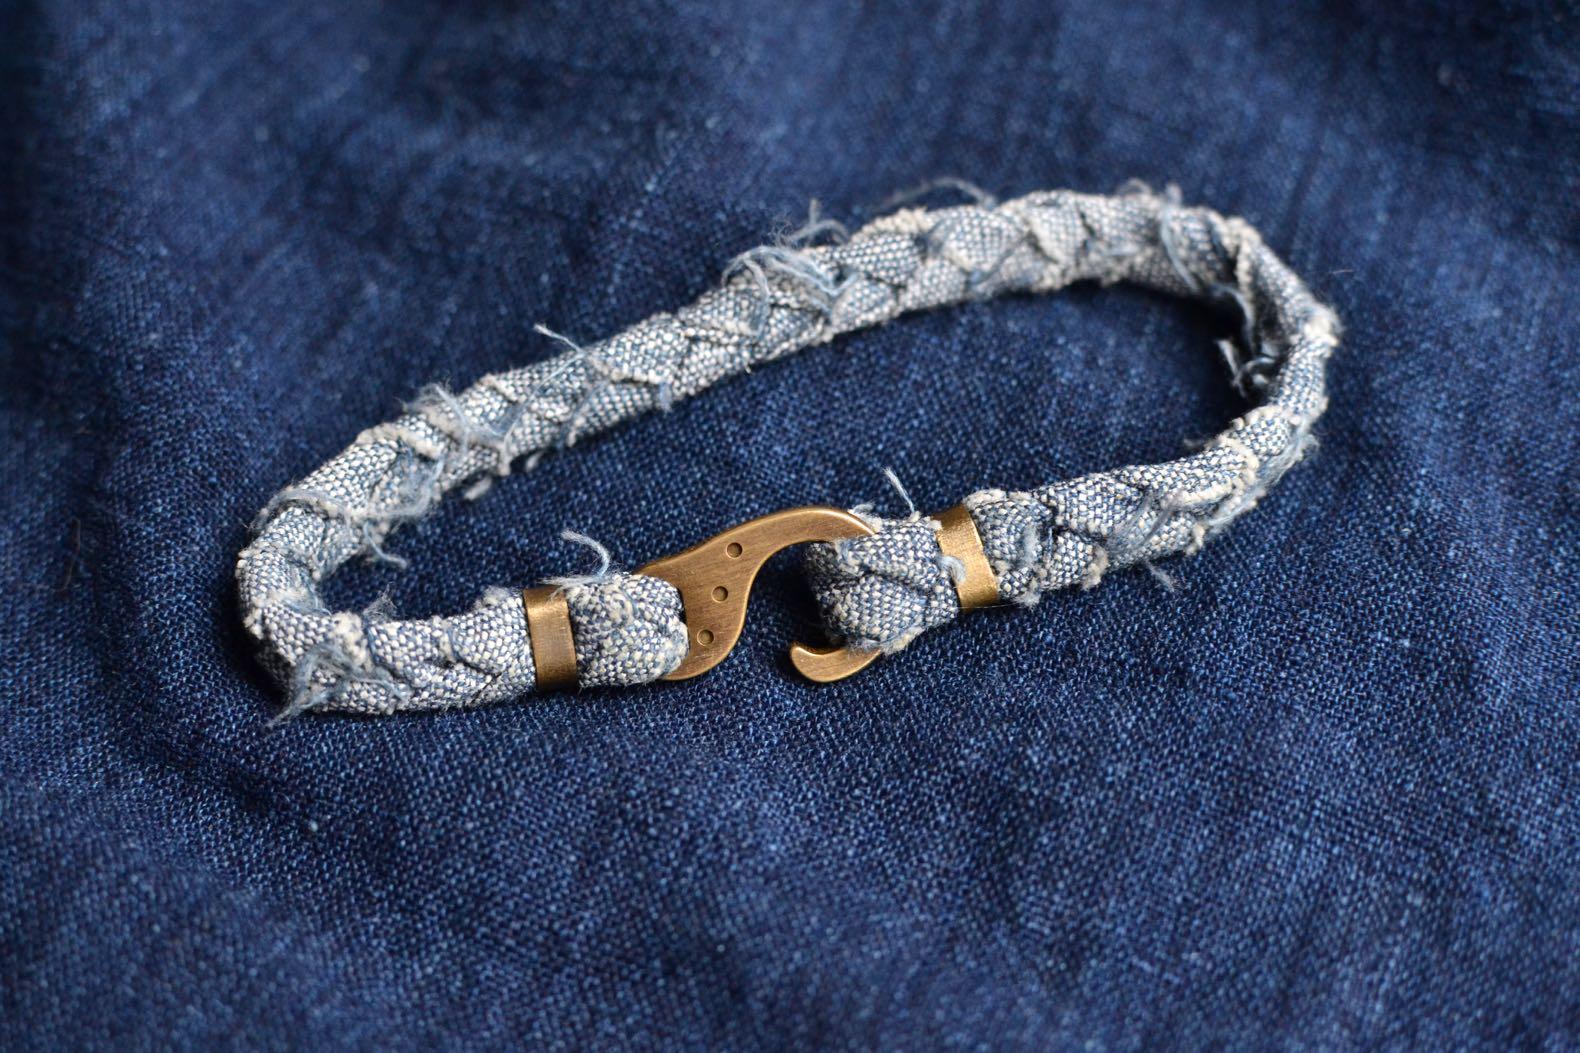 bracelet en tissu recyclé upcyclé de la marque Borali, fait à la main en france à partir d'un chambray japonais